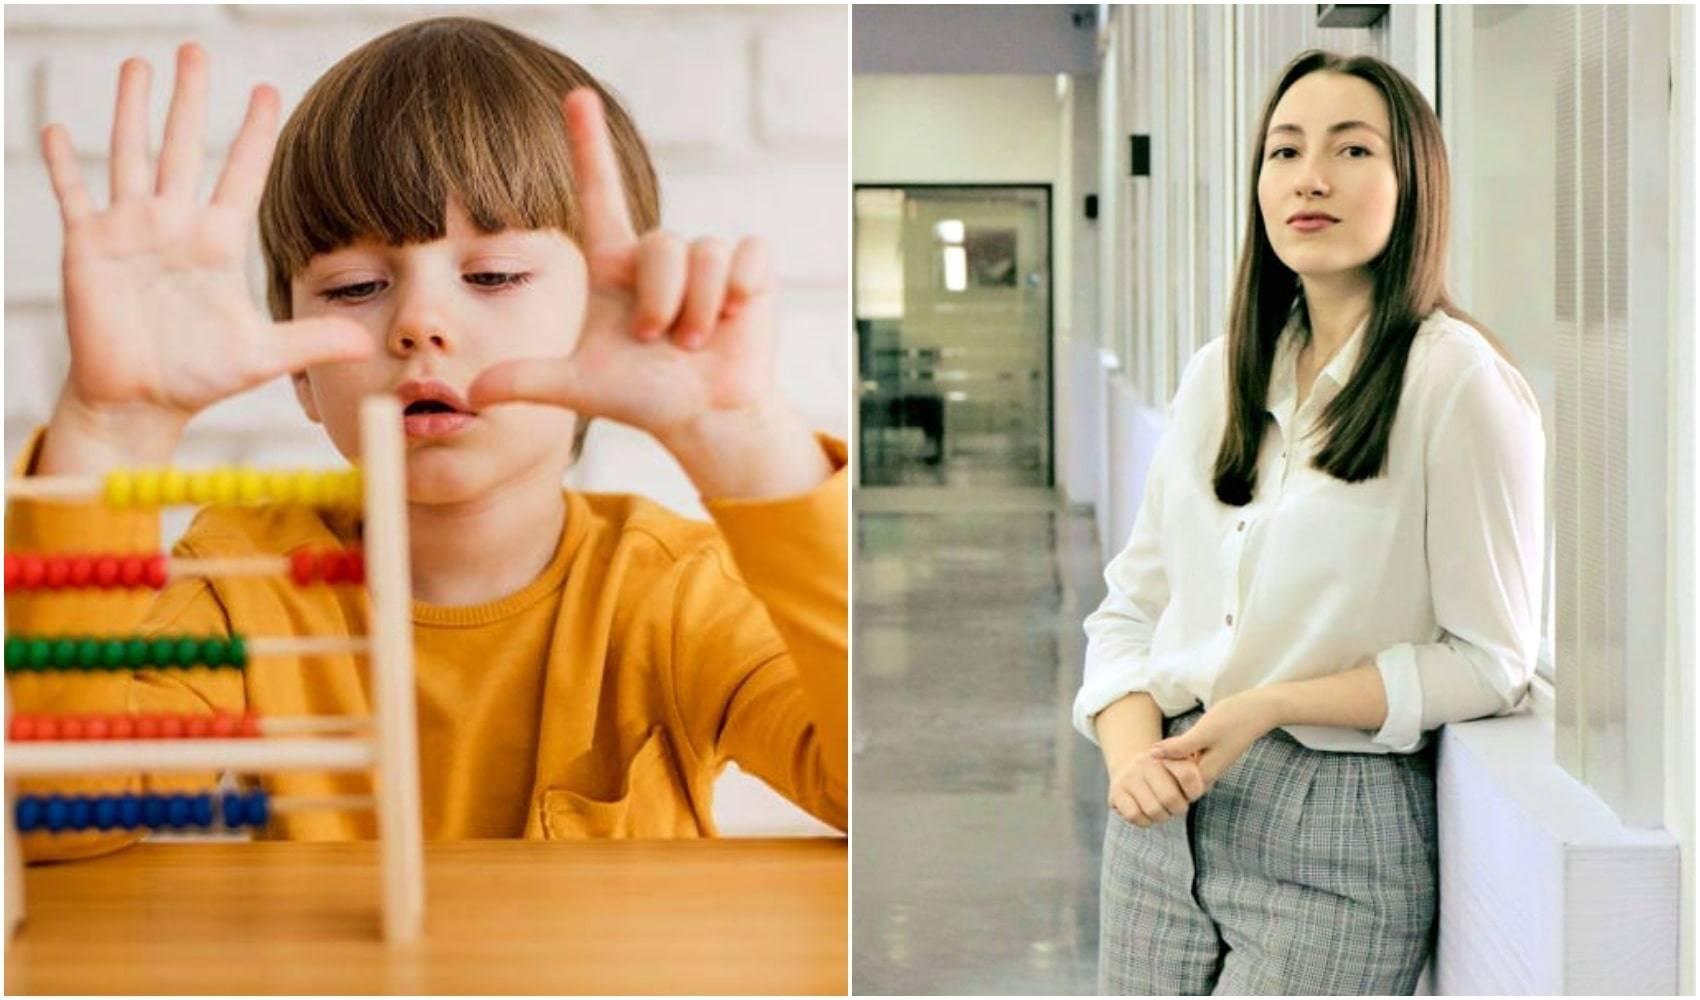 რა ნიშნებით ვხვდებით, რომ ბავშვი ჰიპერაქტიურია და როგორ დავეხმაროთ სწავლის დროს კონცენტრაციაში?